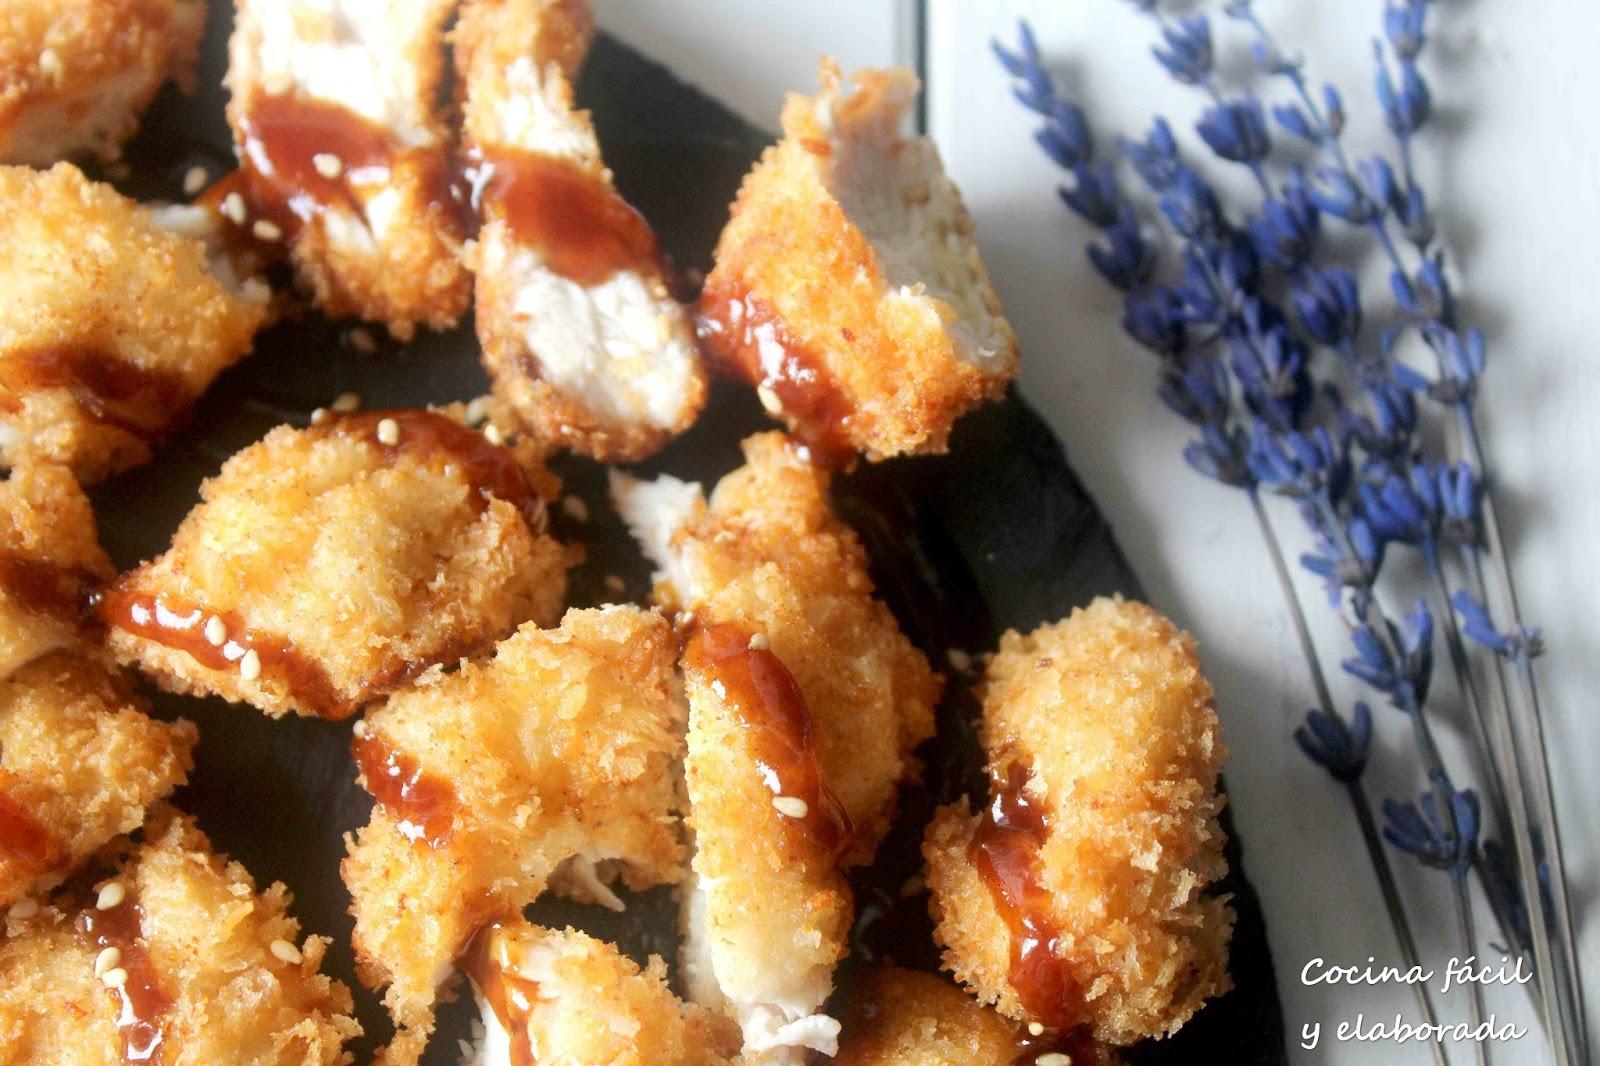 Cocina facil y elaborada tonkatsu de pollo receta japonesa - Cocina facil y saludable thermomix ...